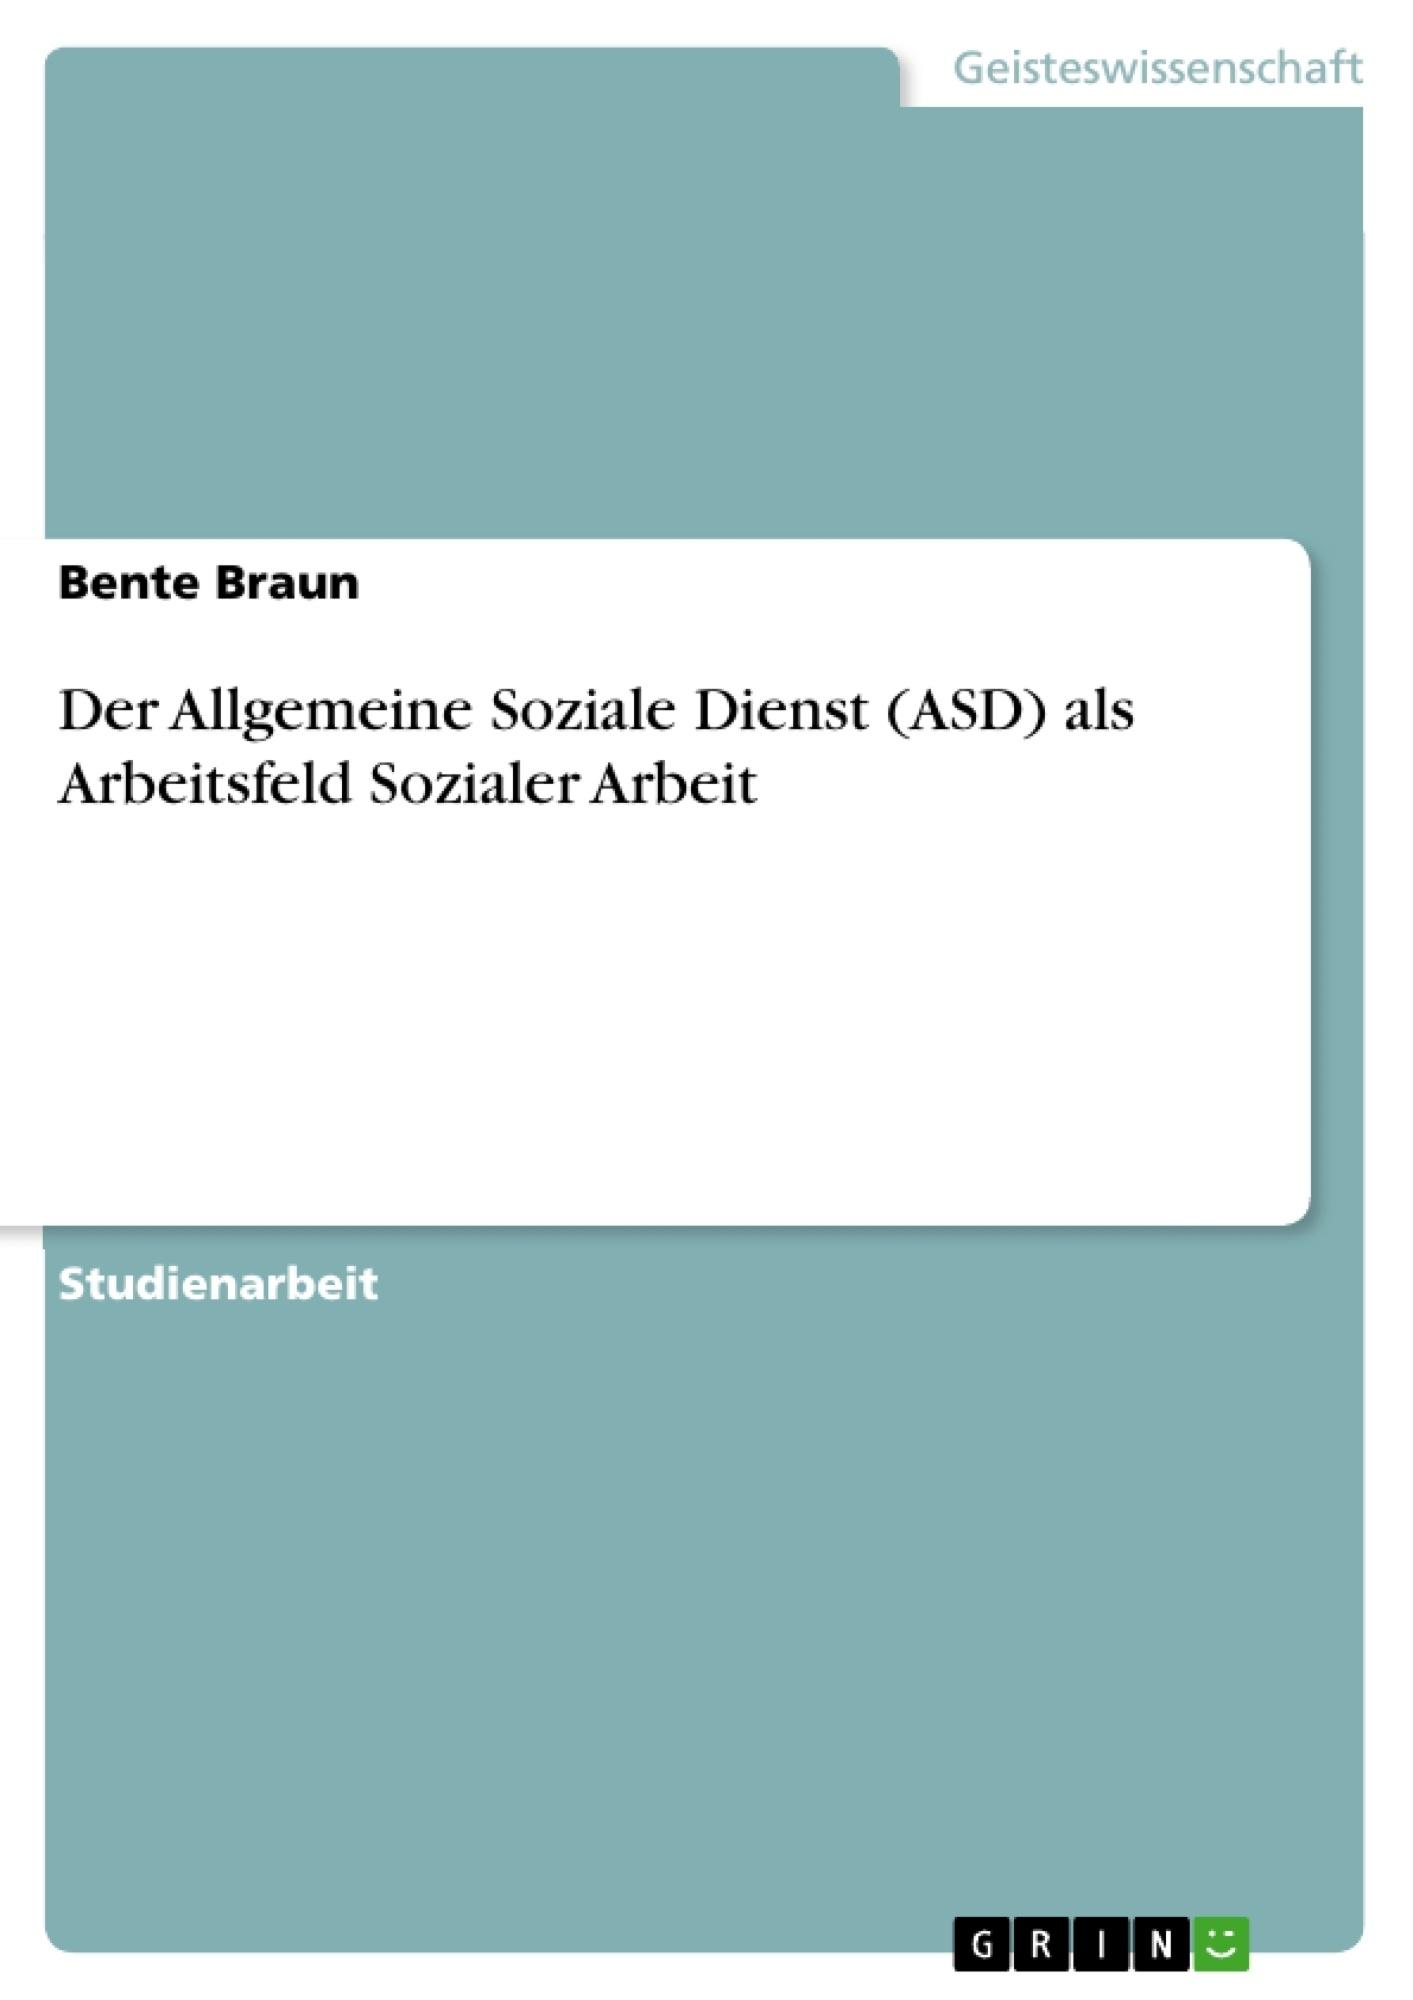 Titel: Der Allgemeine Soziale Dienst (ASD) als Arbeitsfeld Sozialer Arbeit